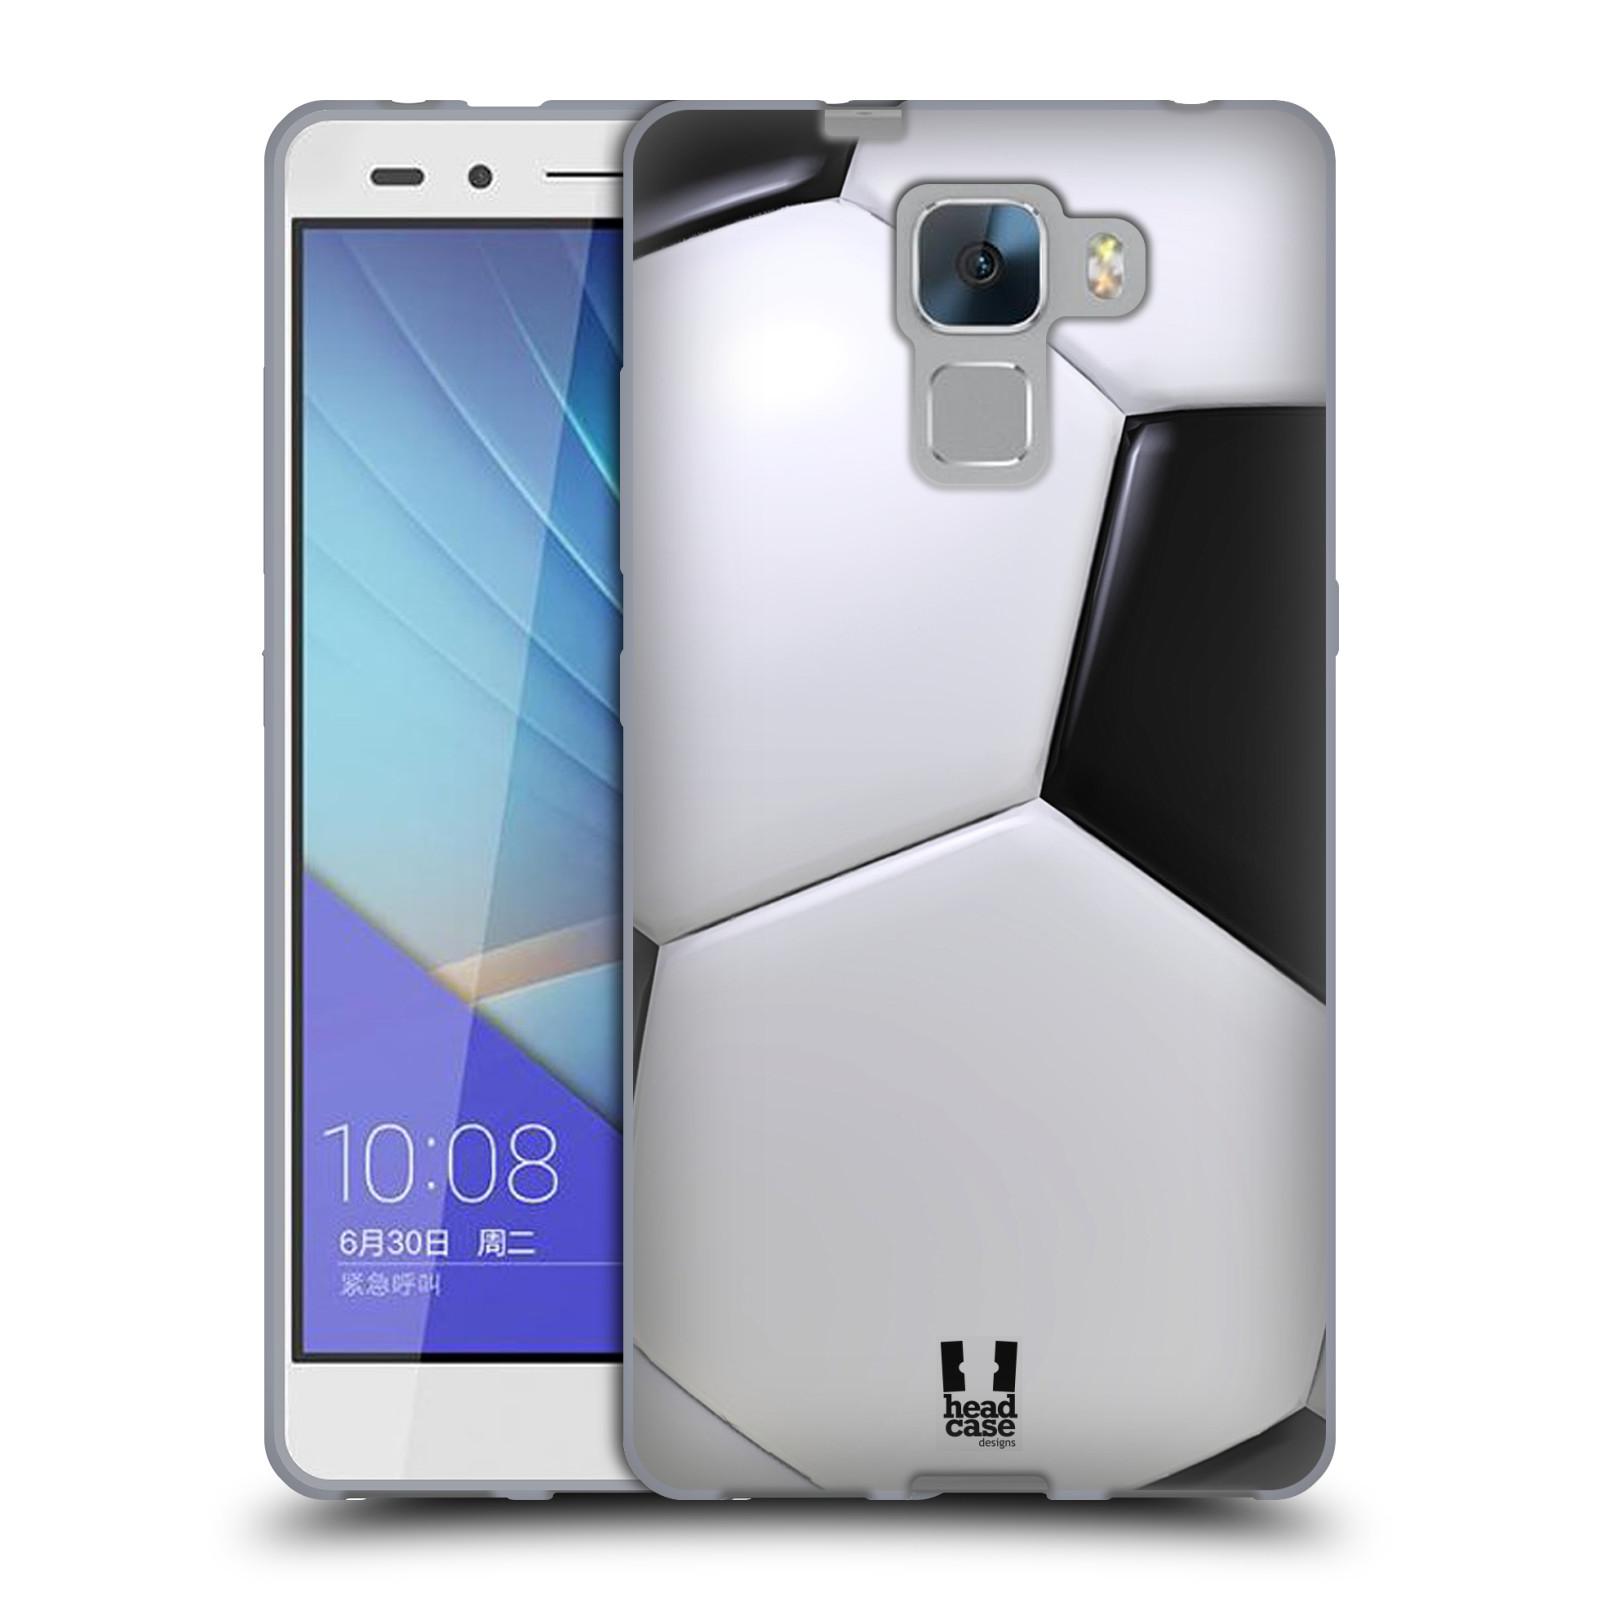 Silikonové pouzdro na mobil Honor 7 HEAD CASE KOPAČÁK